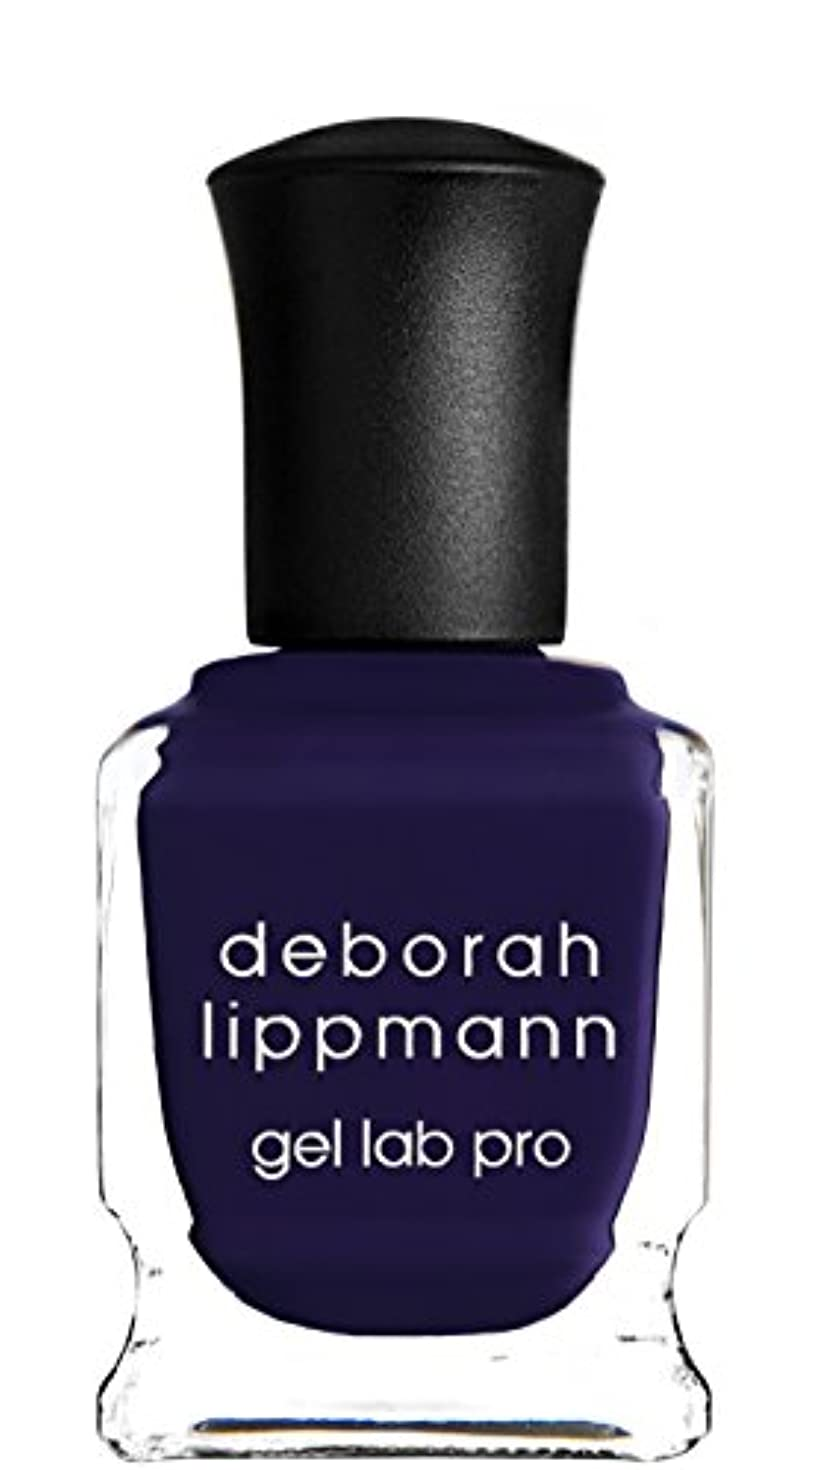 助けてうまれた好奇心[Deborah Lippmann] デボラリップマン ジェルラボプロ アフター ミッドナイト(カラー:ダークインディゴ)/ AFTER MIDNIGHT ジェルポリッシュ 色:ダークインディゴ ネイルカラー系統:ブルー 15mL